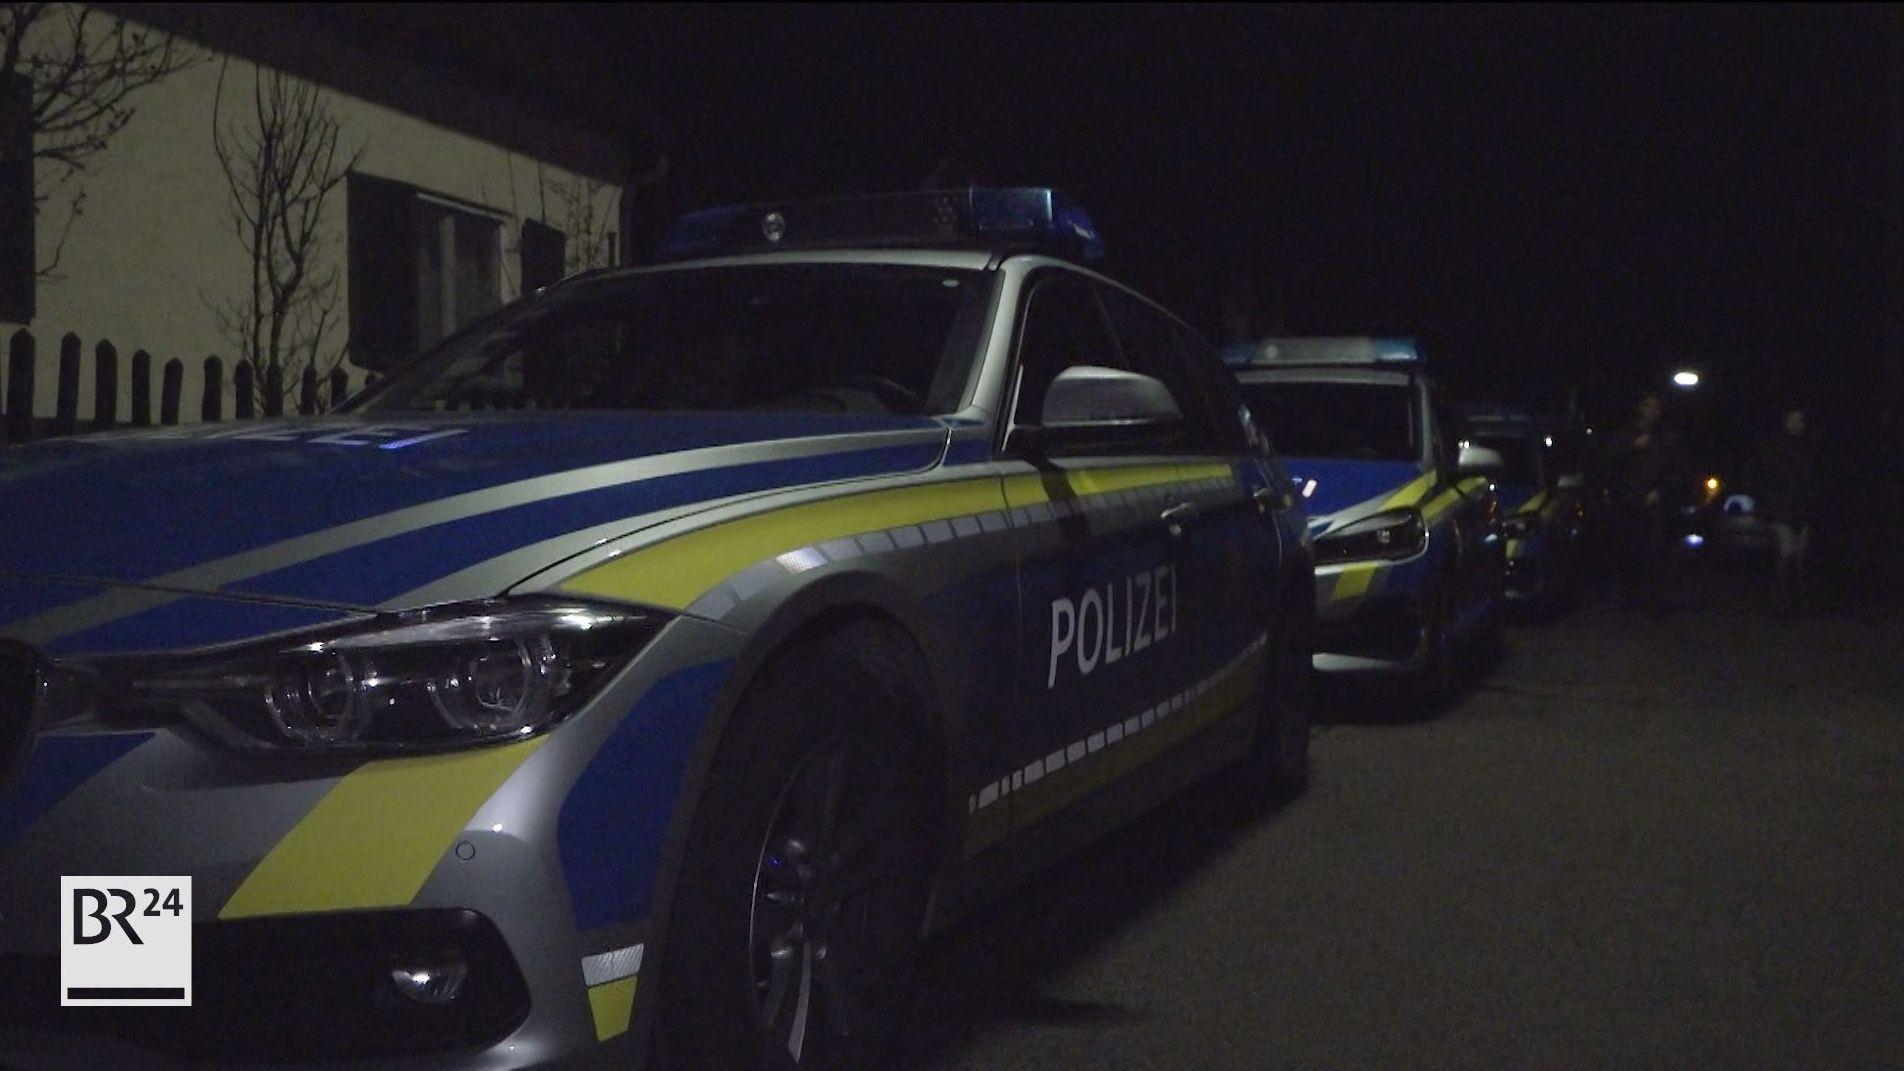 Polizei am Einsatzort in Diedorf